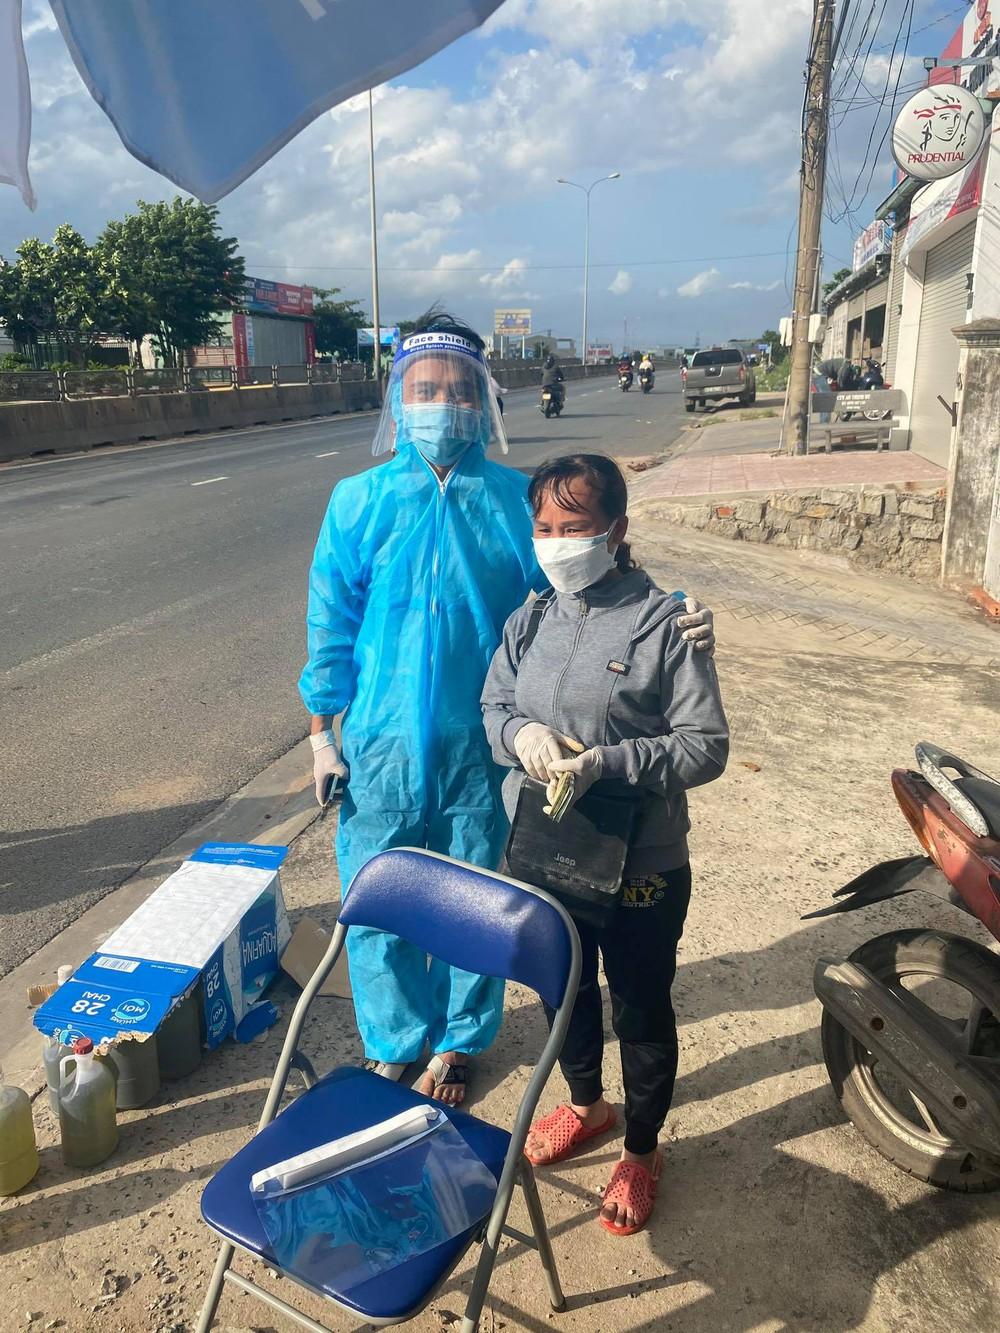 Danh tính người phụ nữ đi dép tổ ong, cầm xấp tiền hỗ trợ bà con chạy xe máy về quê tránh dịch - Ảnh 1.